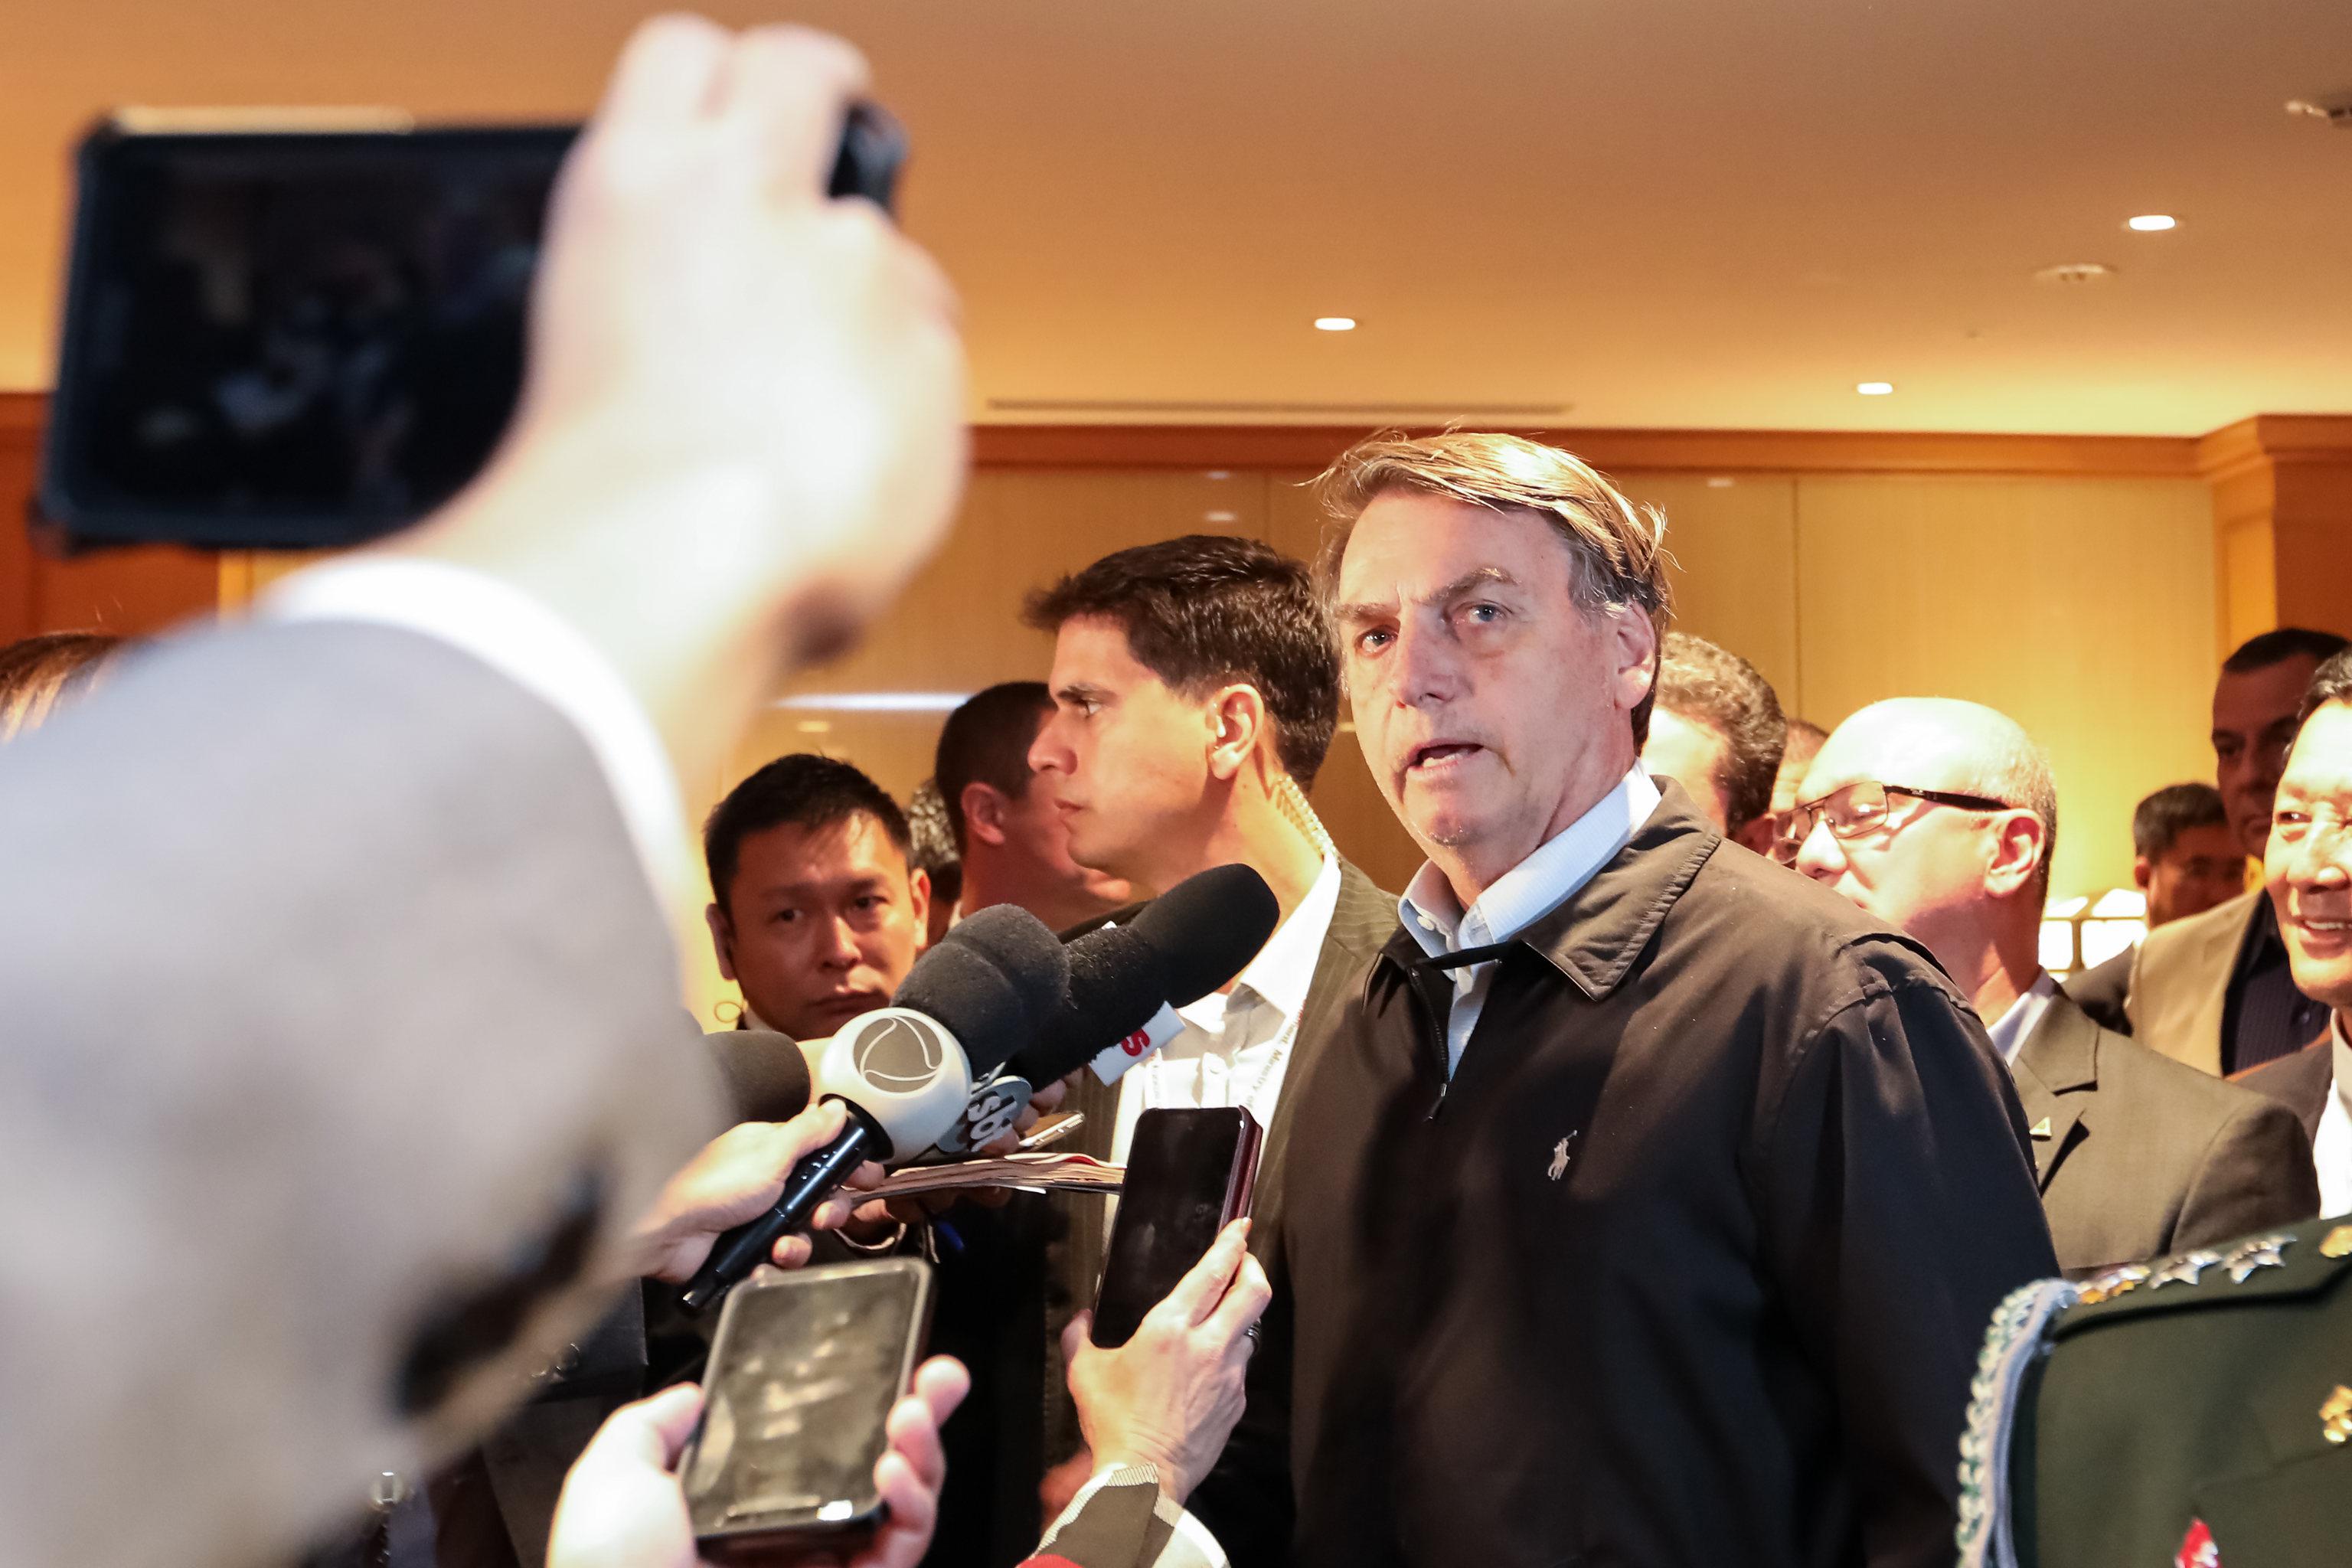 O presidente da República, Jair Bolsonaro, fala com a imprensa na chegada ao Hotel Imperial, em Tóquio, no Japão. Foto: José Dias/PR